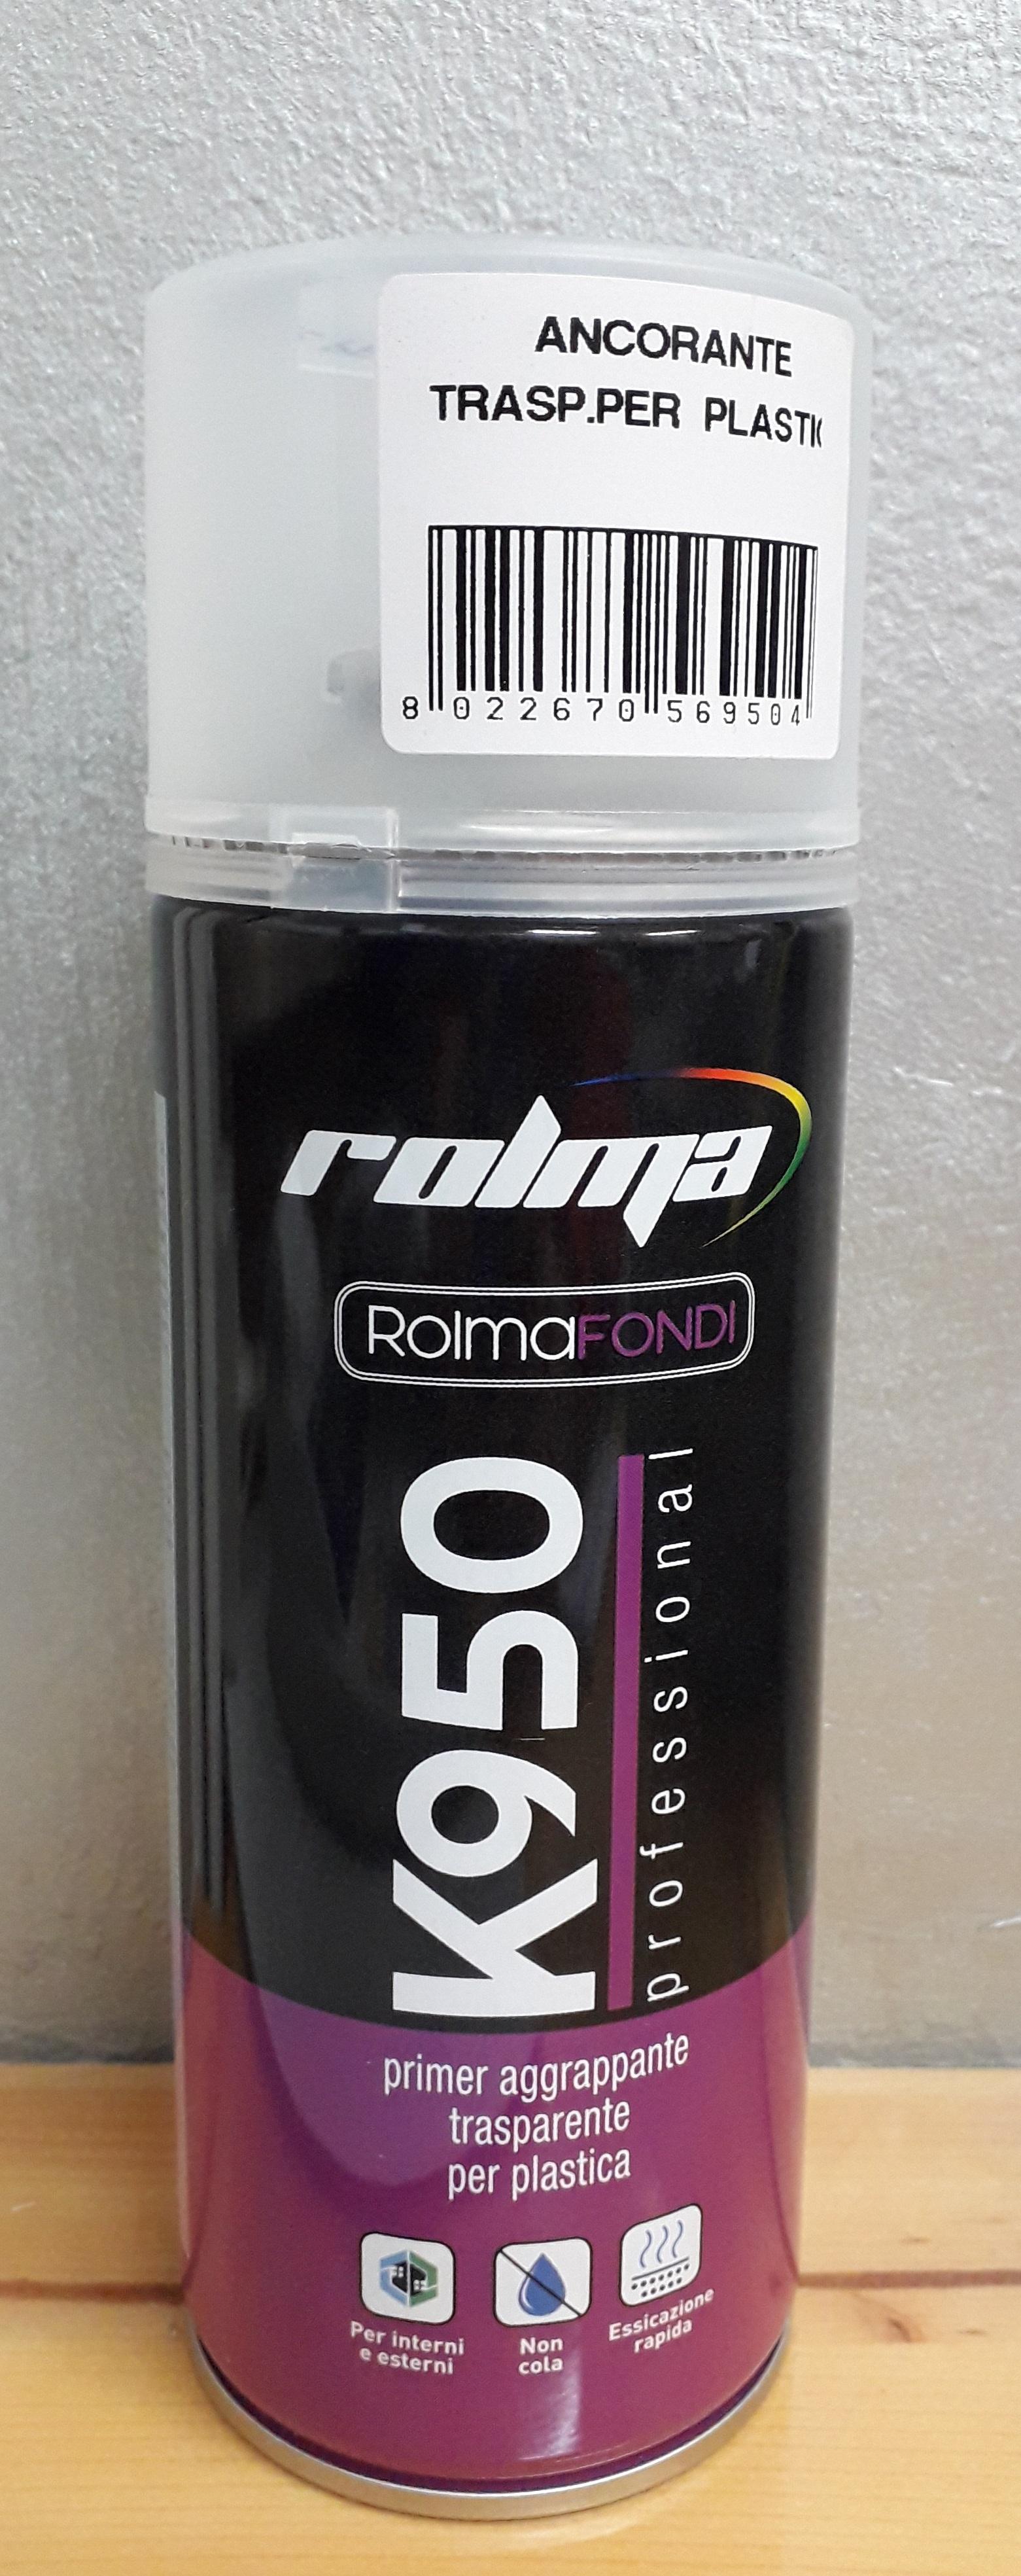 Bomboletta spray K950 ancorante trasparente per plastica